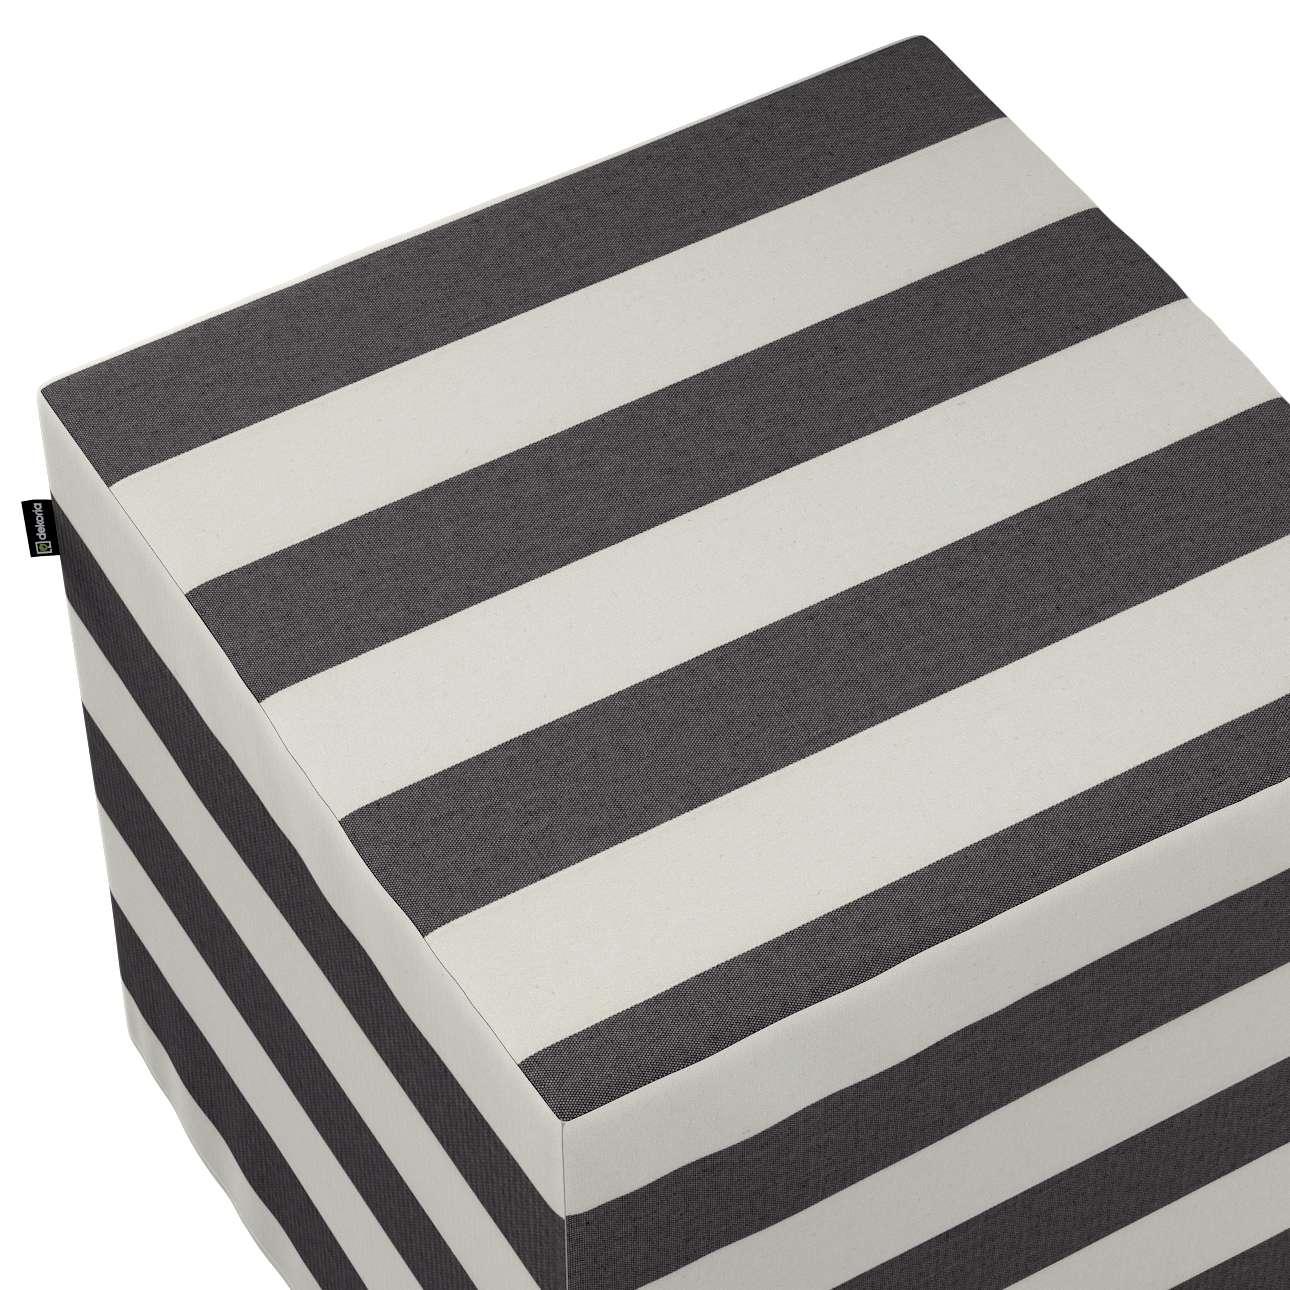 Pufa kostka w kolekcji Quadro, tkanina: 142-72